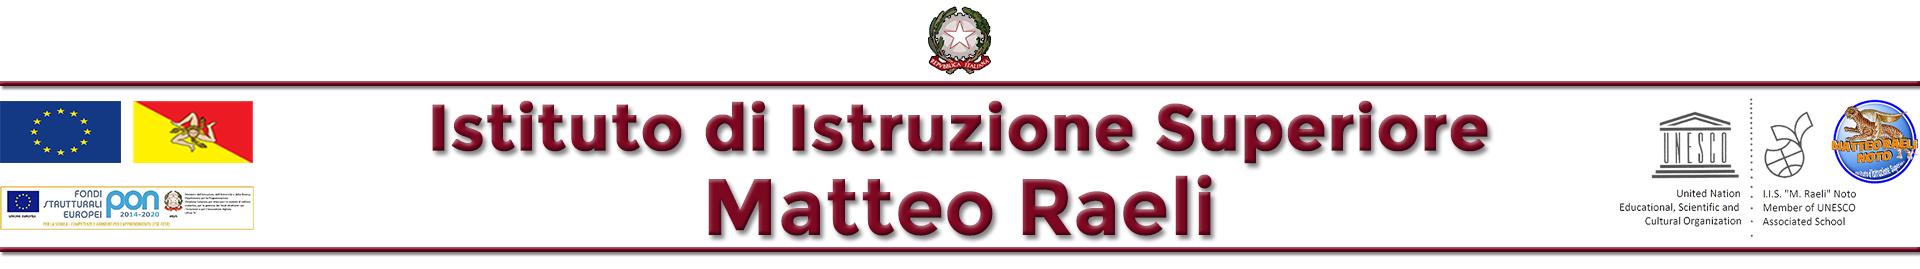 """Istituto d'Istruzione Superiore """"M. Raeli"""" - Noto (SR)"""